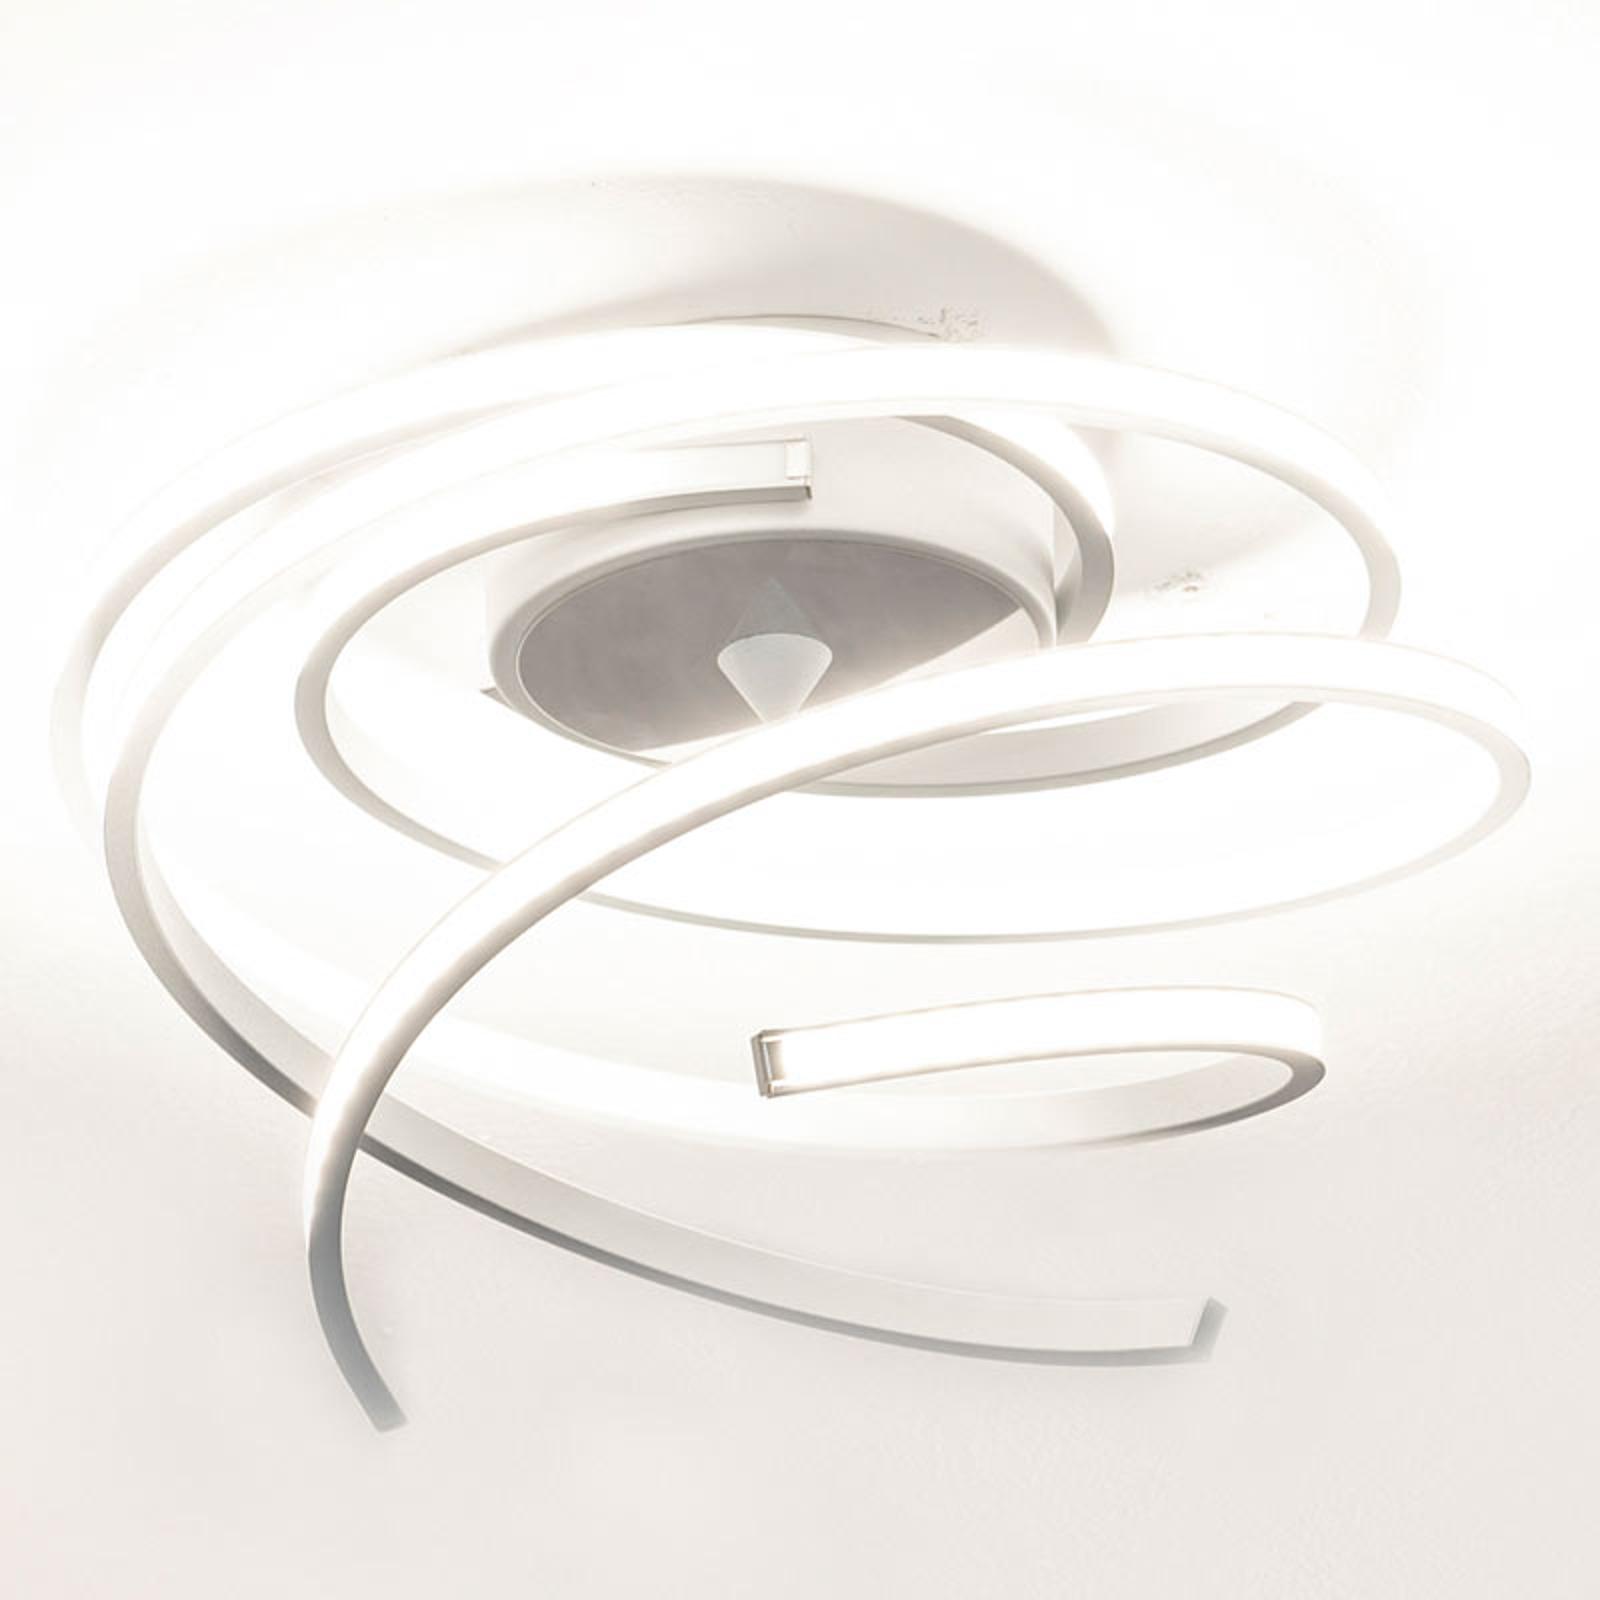 LED-kattolamppu Lungo alu, korkeus 25 cm